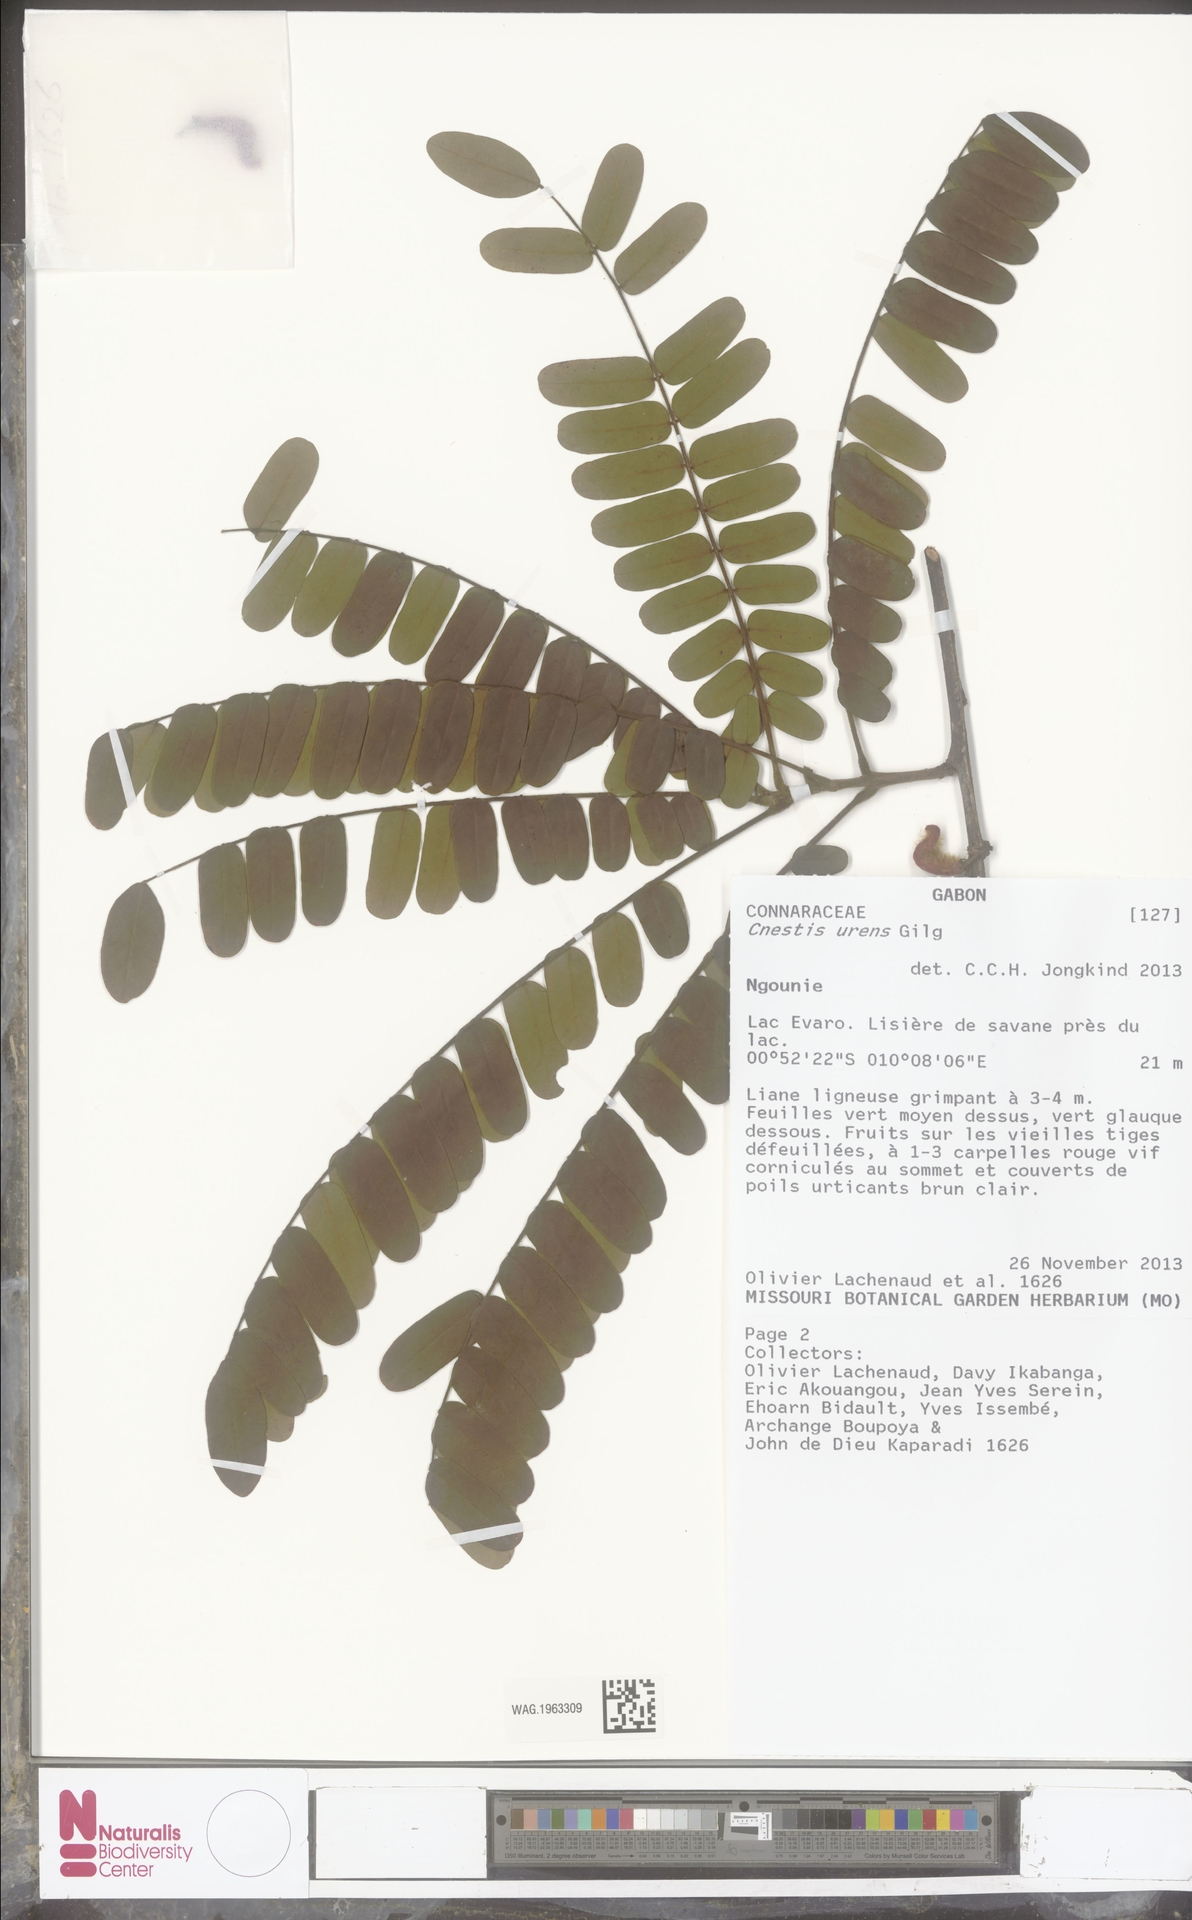 WAG.1963309 | Cnestis urens Gilg